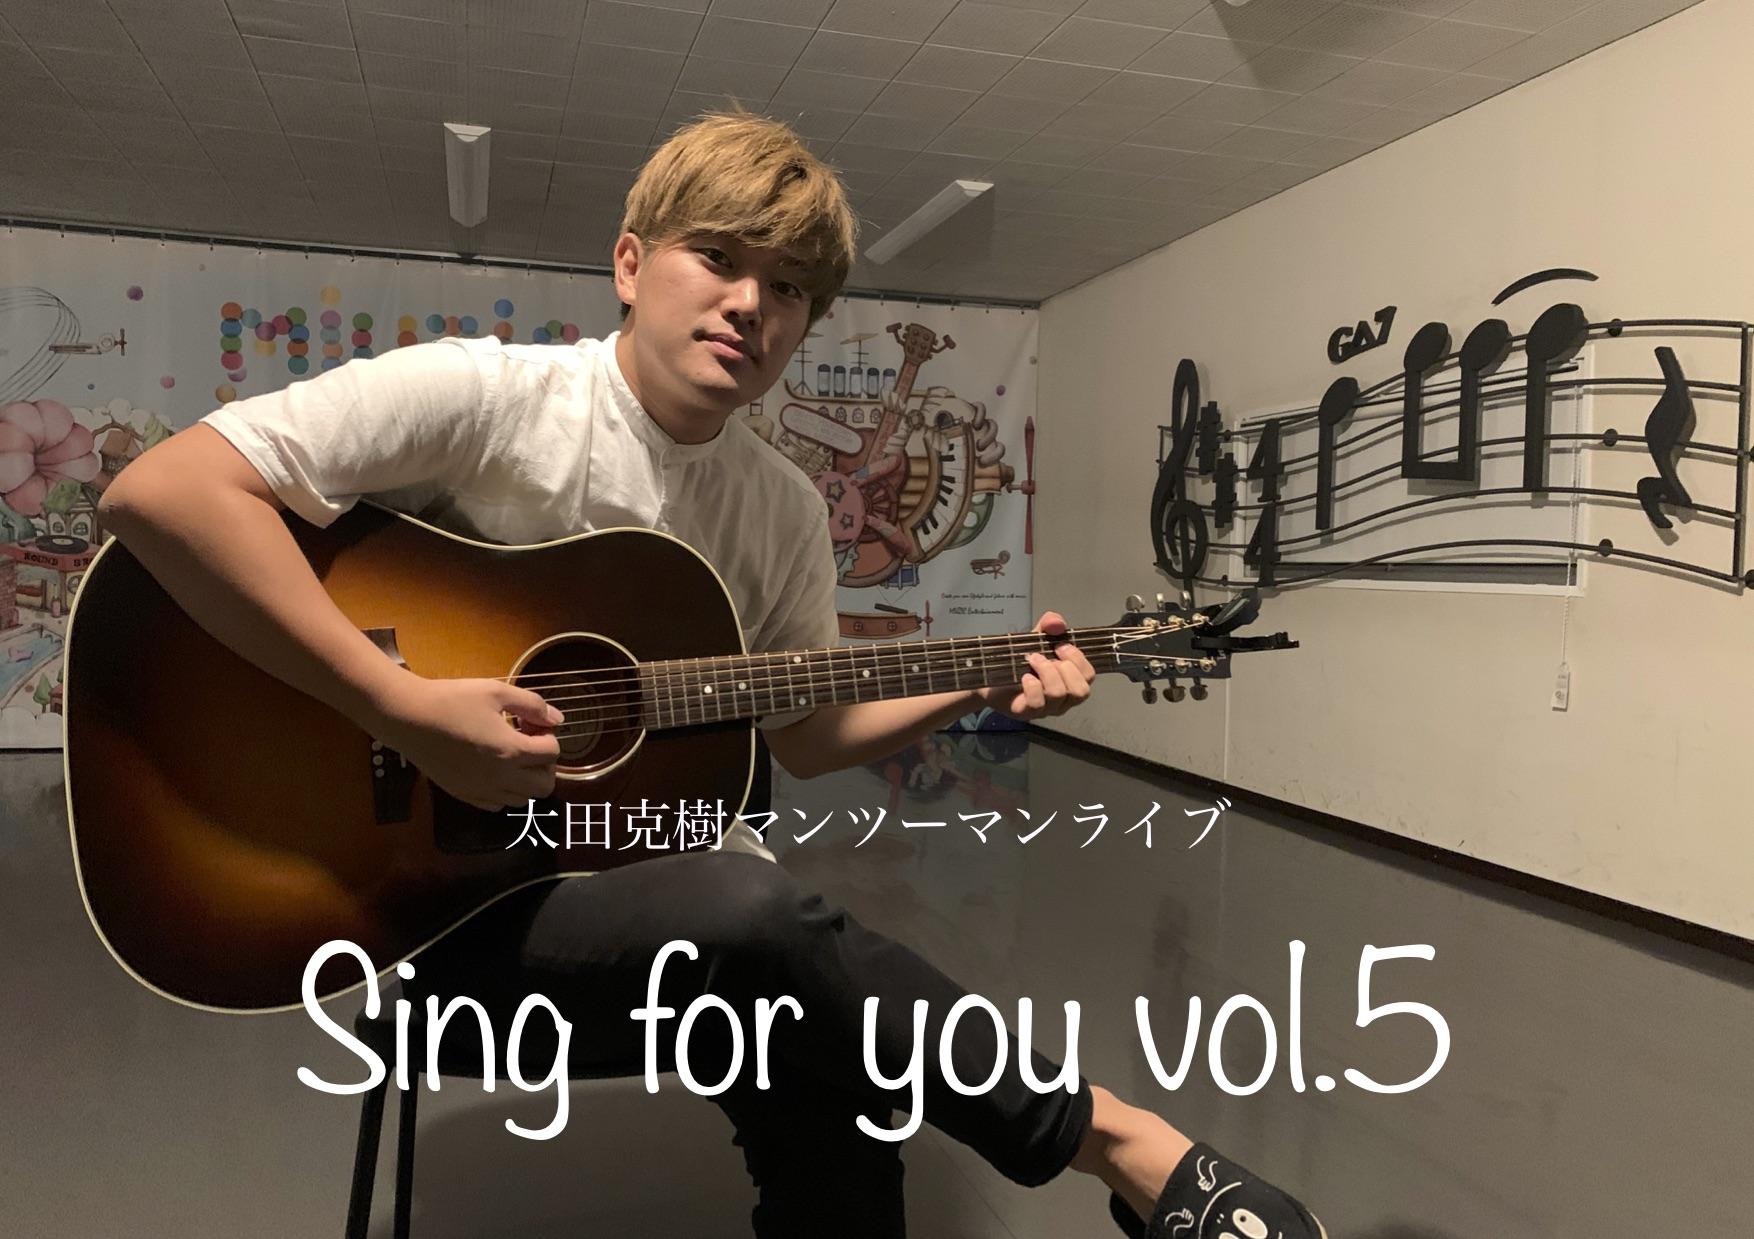 【太田克樹】12/23(水) マンツーマンライブ「Sing for you vol.5」